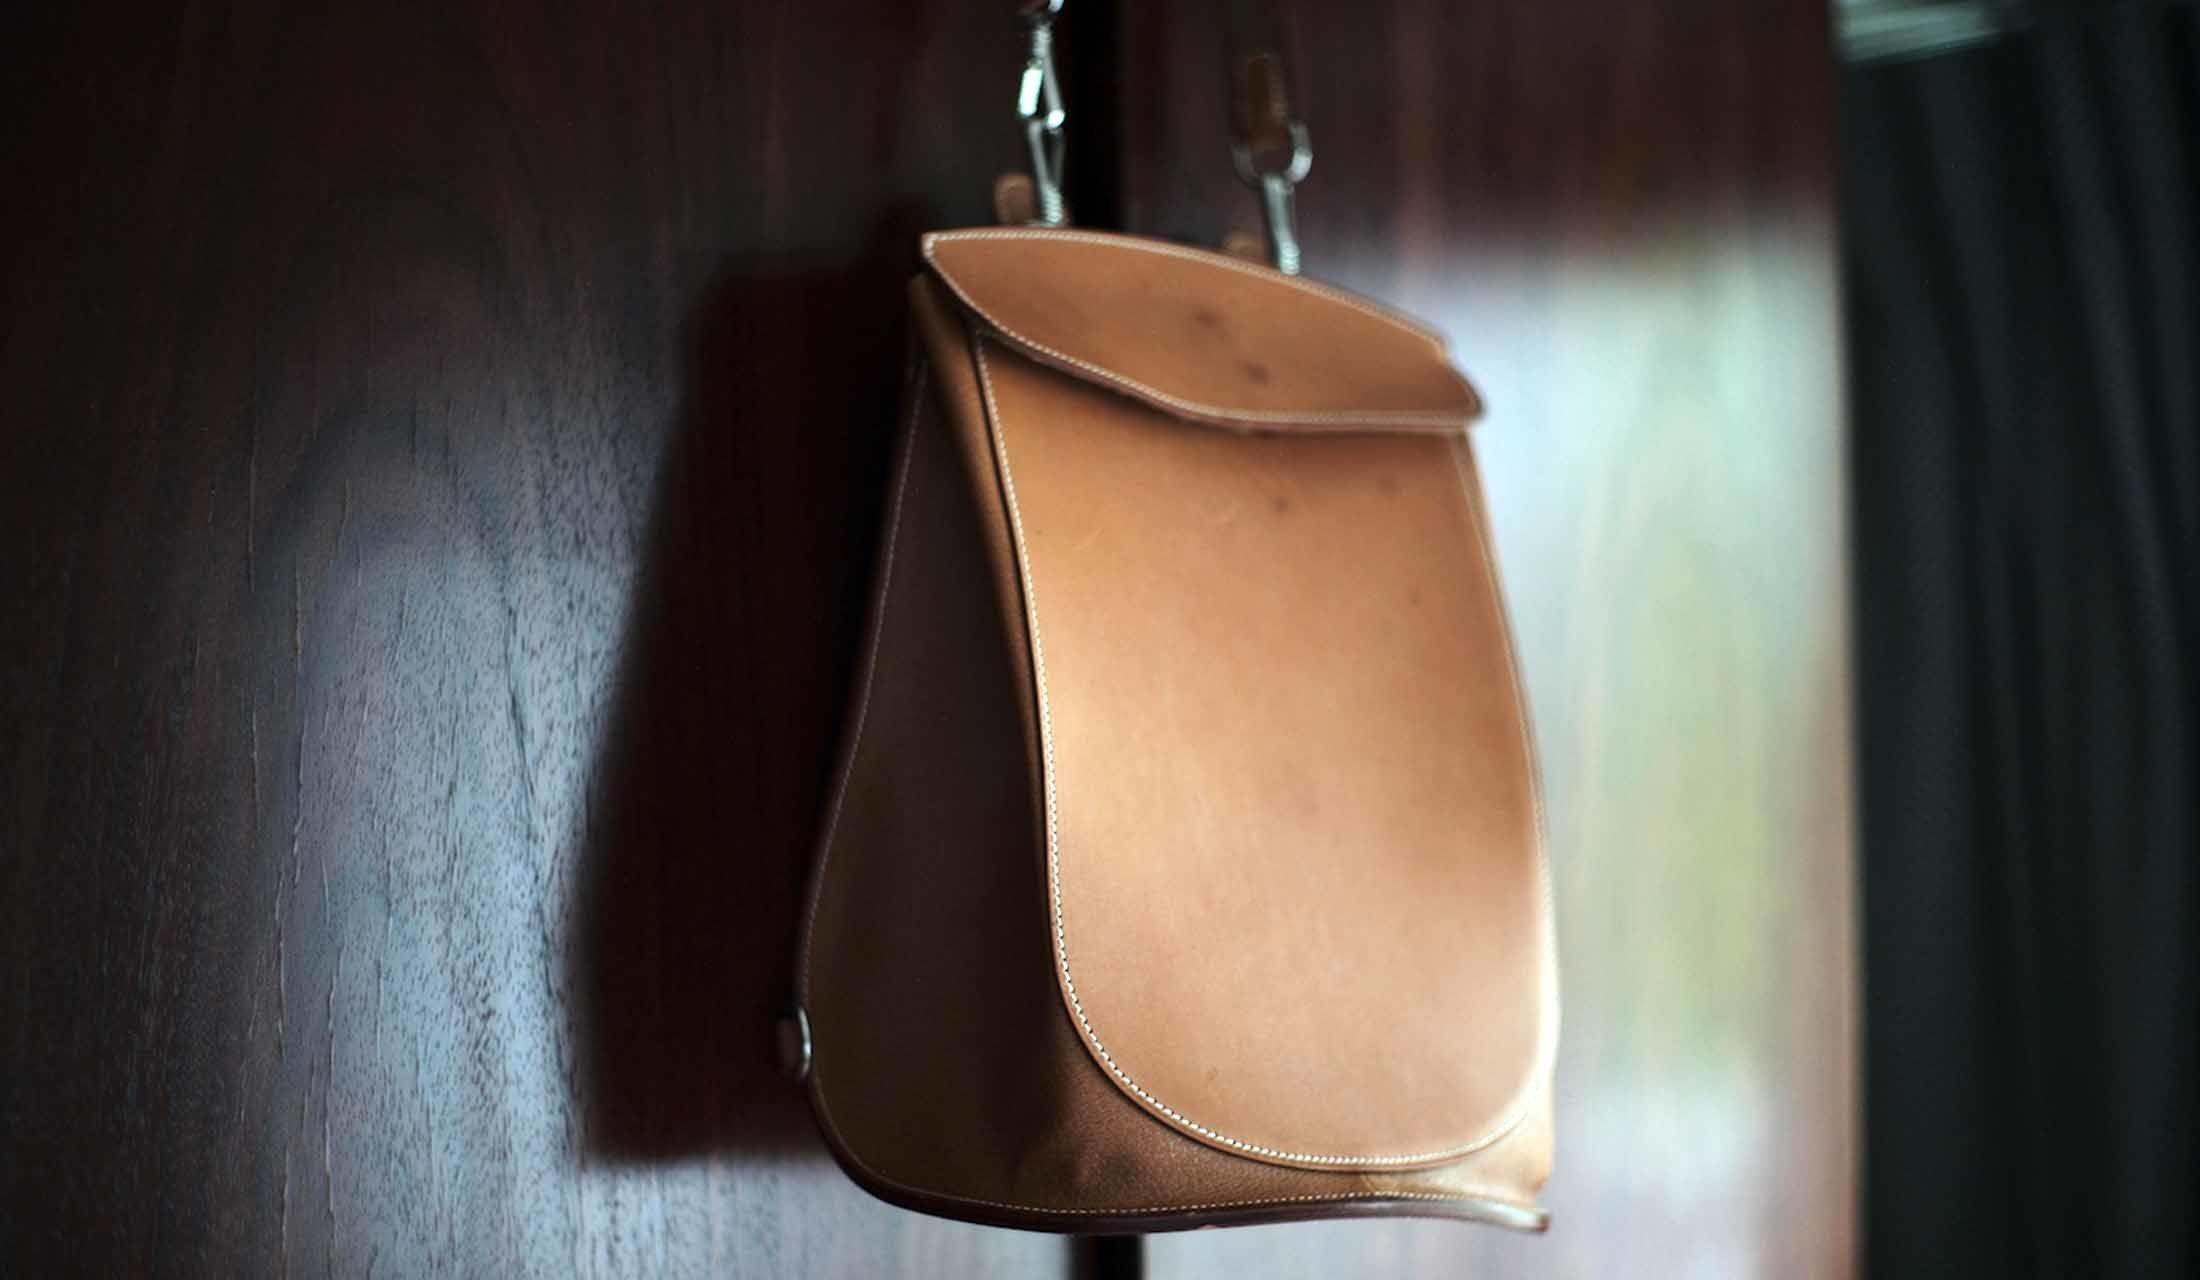 壁面に掛けたバッグ